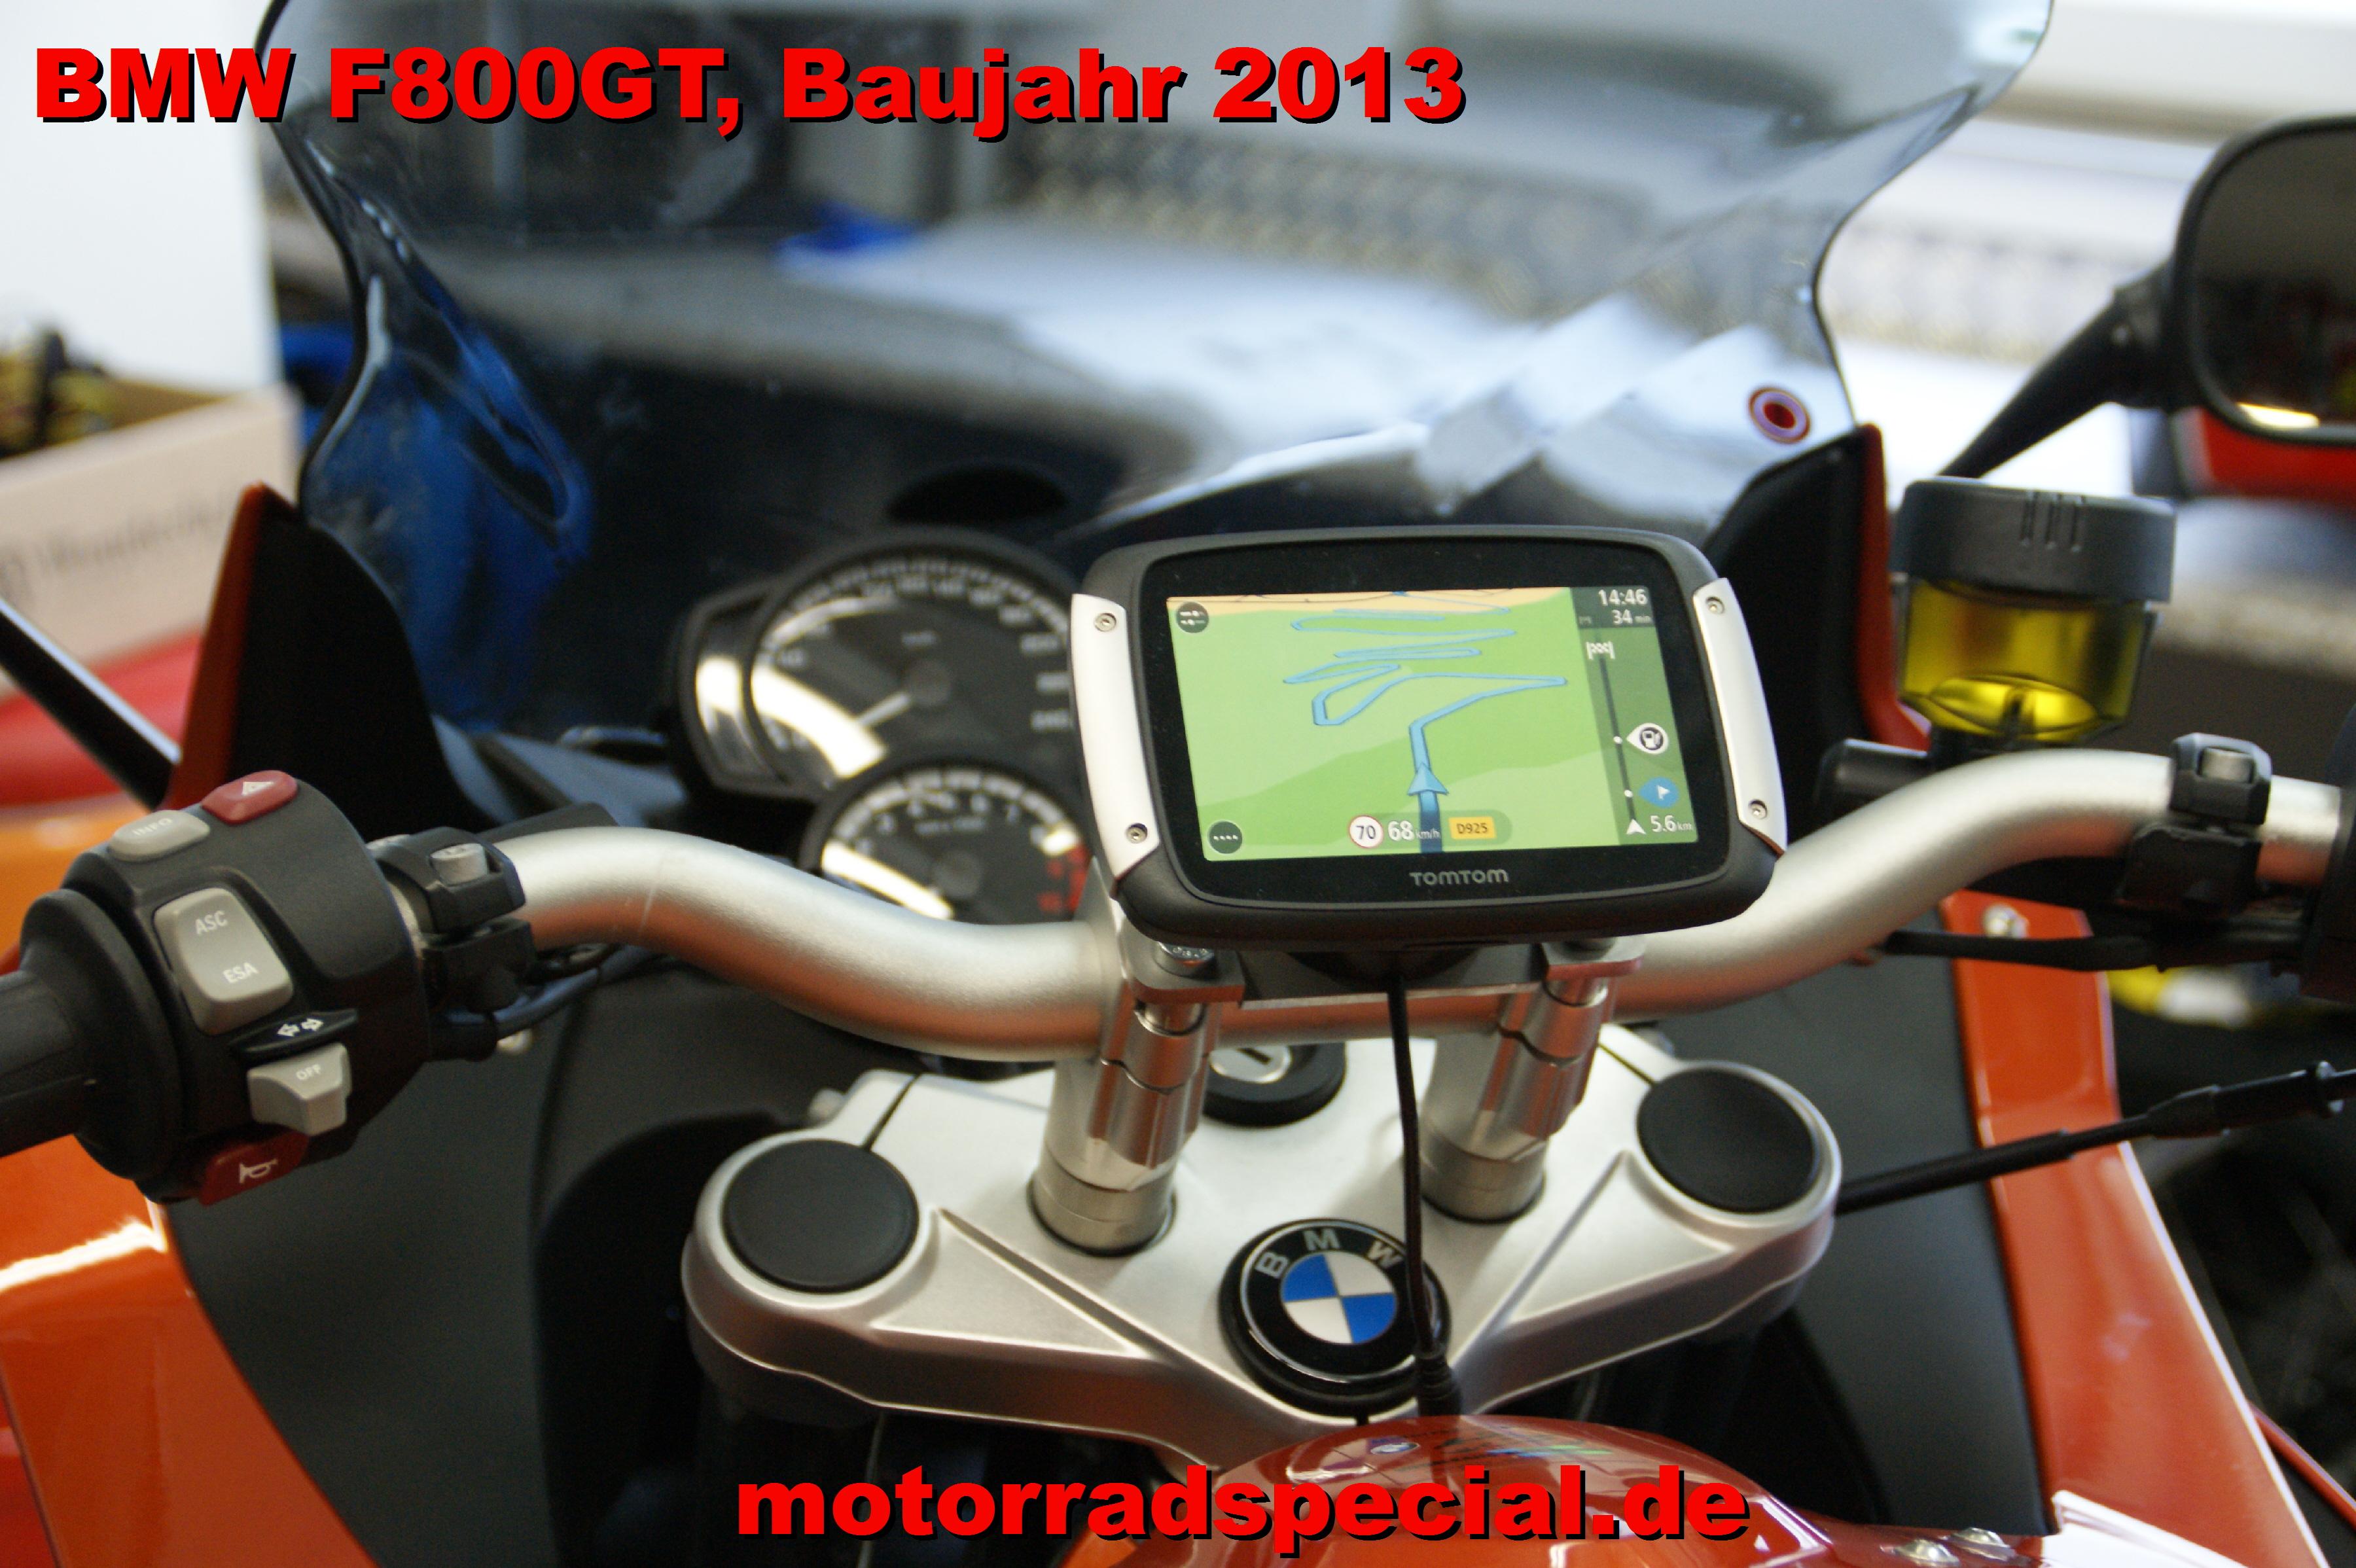 BMW_F800GT_Baujahr2013_Navigationshalterung_Navihalter_Navihalterung_1